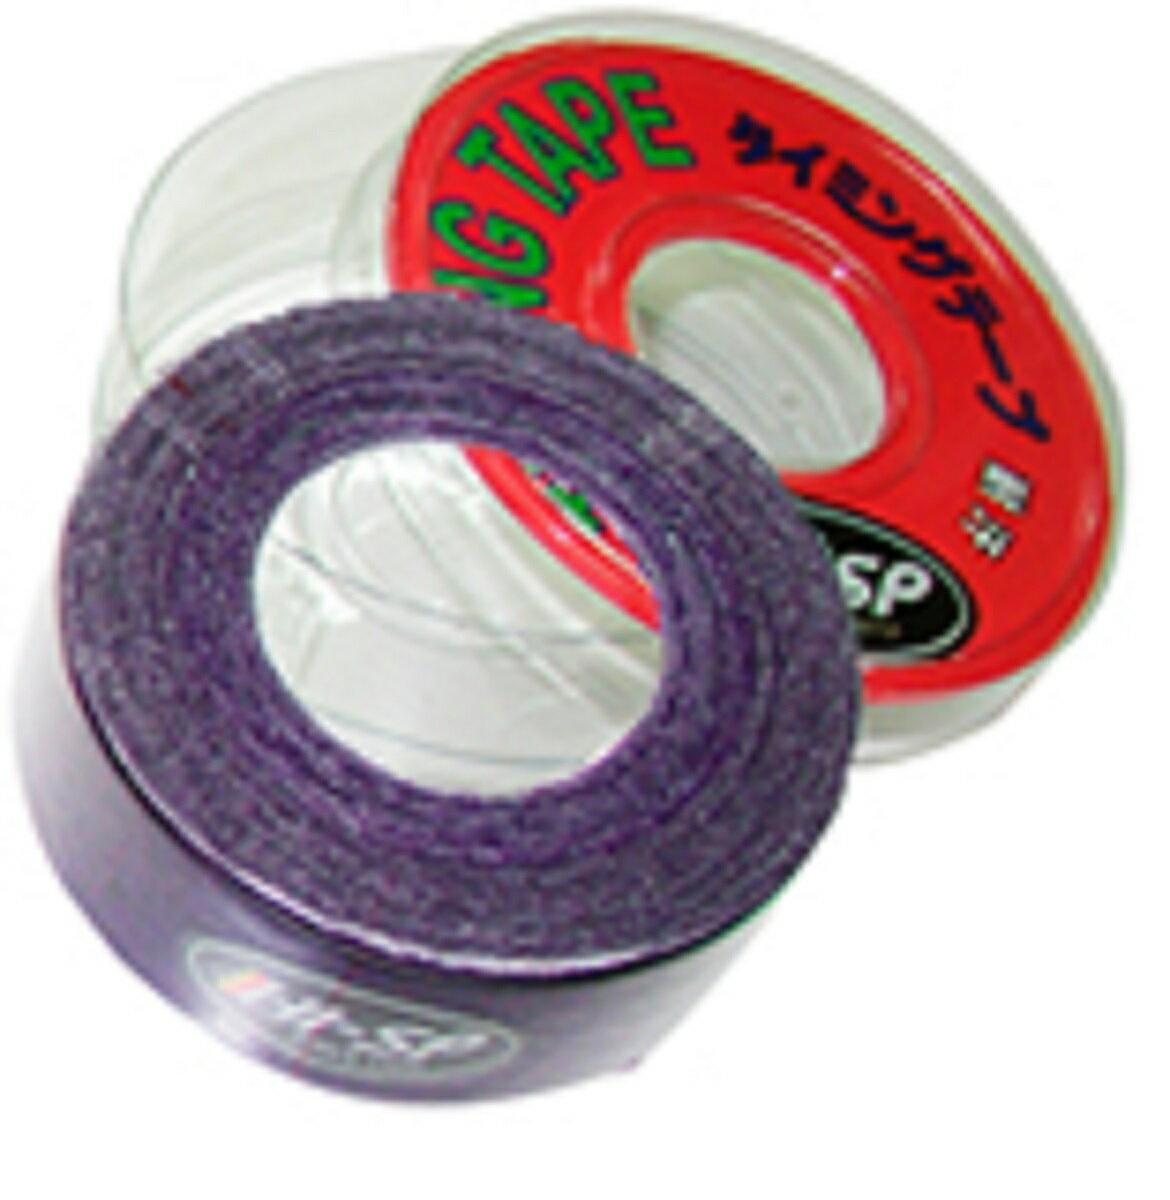 HI-SP HSタイミングテープ ロールタイプ 【ボウリング用品】